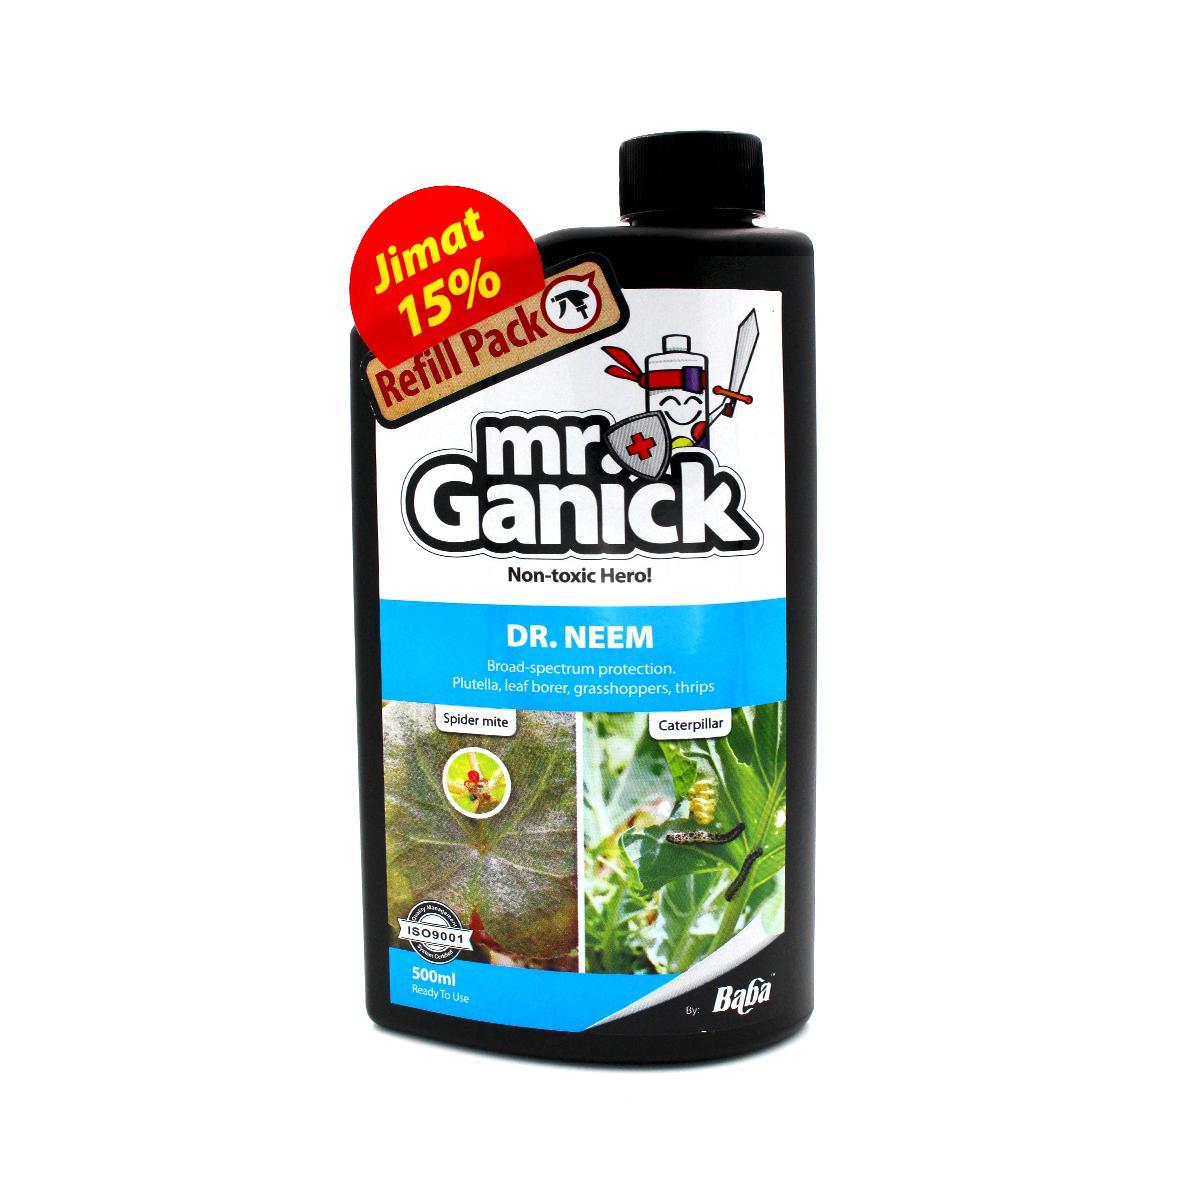 Baba Mr Ganick Dr Neem Refill Pack (500ML)